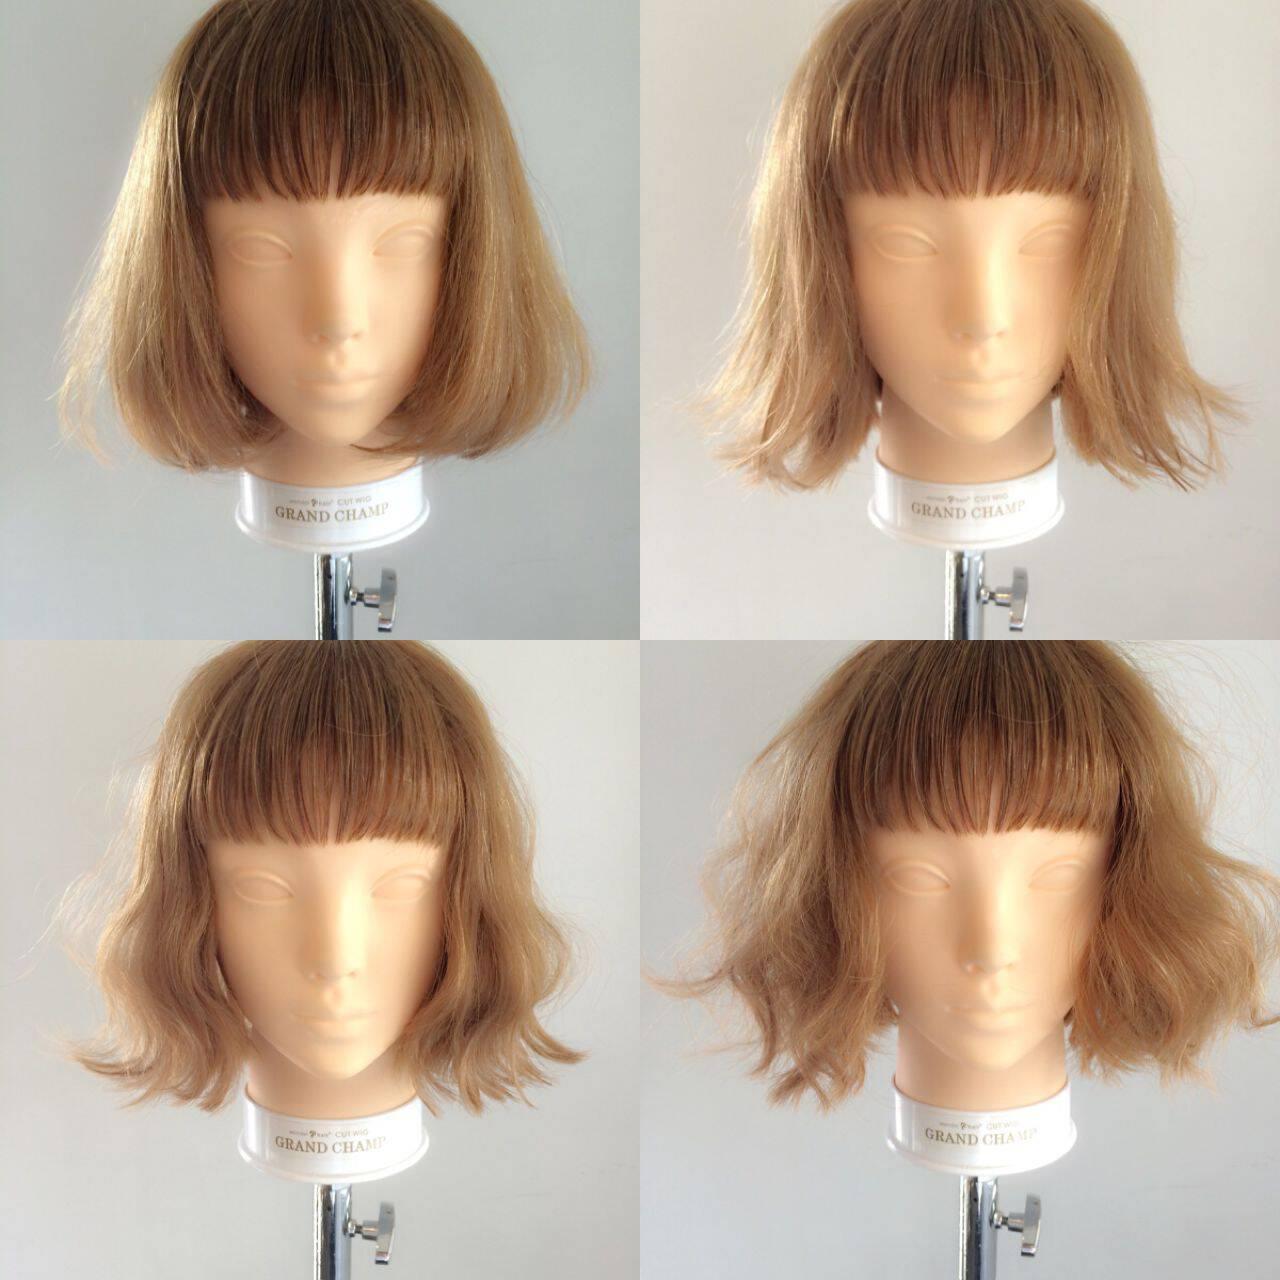 ナチュラル ボブ オン眉 秋ヘアスタイルや髪型の写真・画像